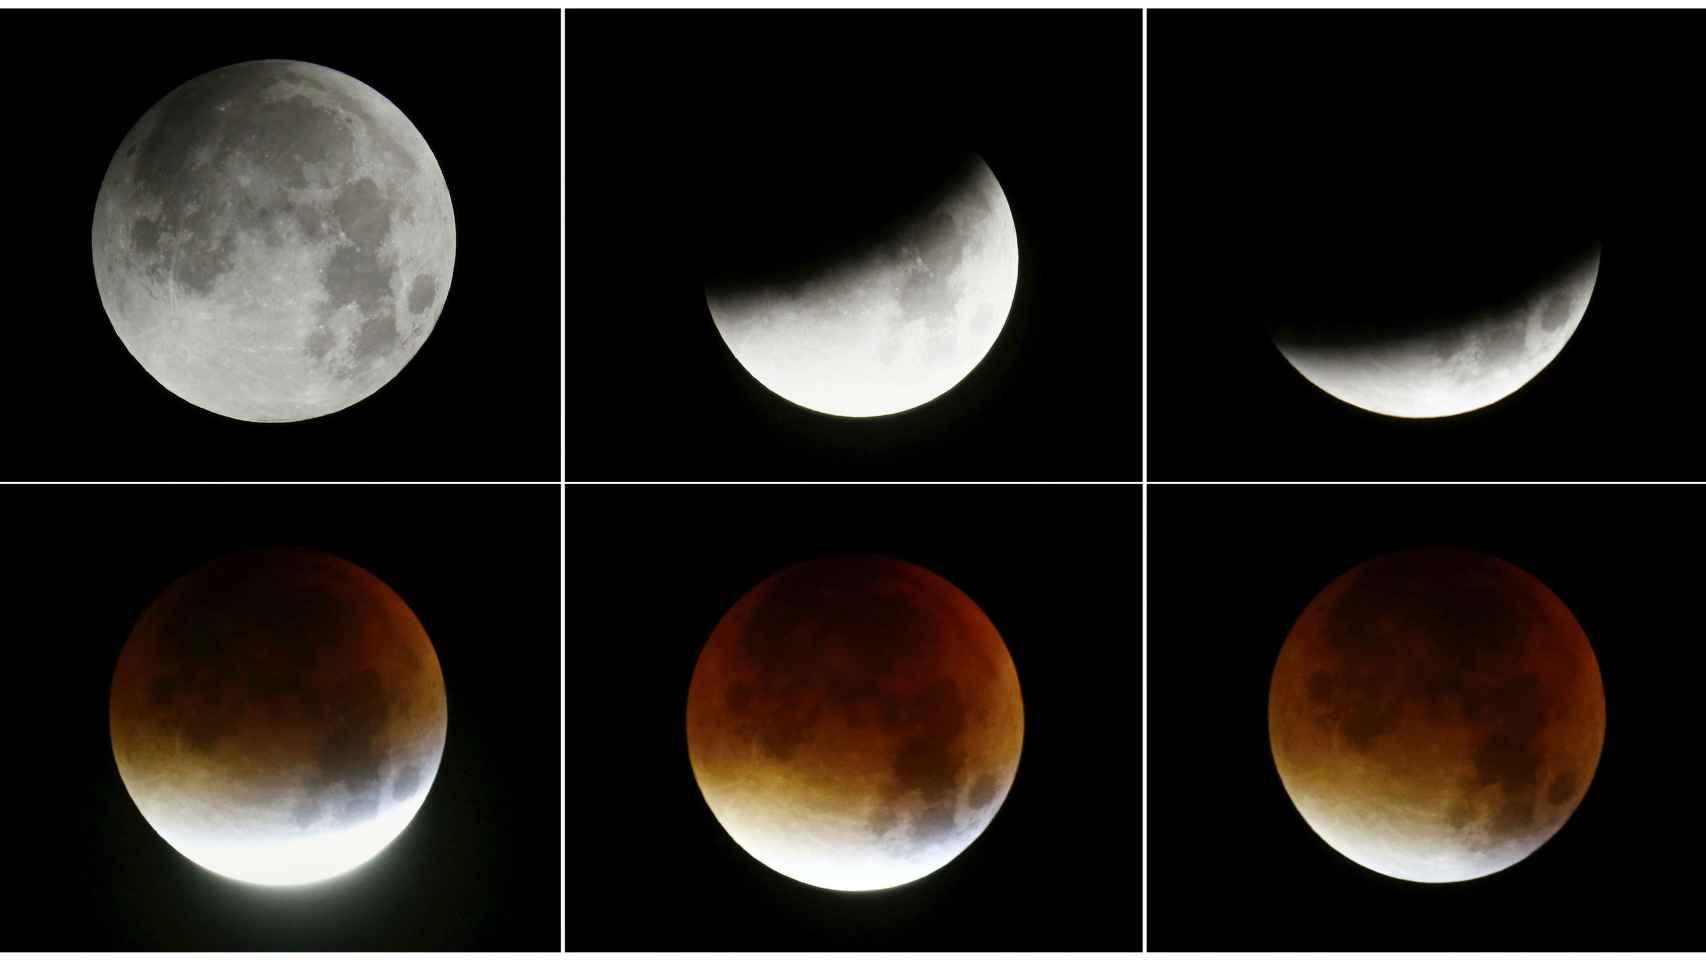 Imágenes de la luna durante el eclipse